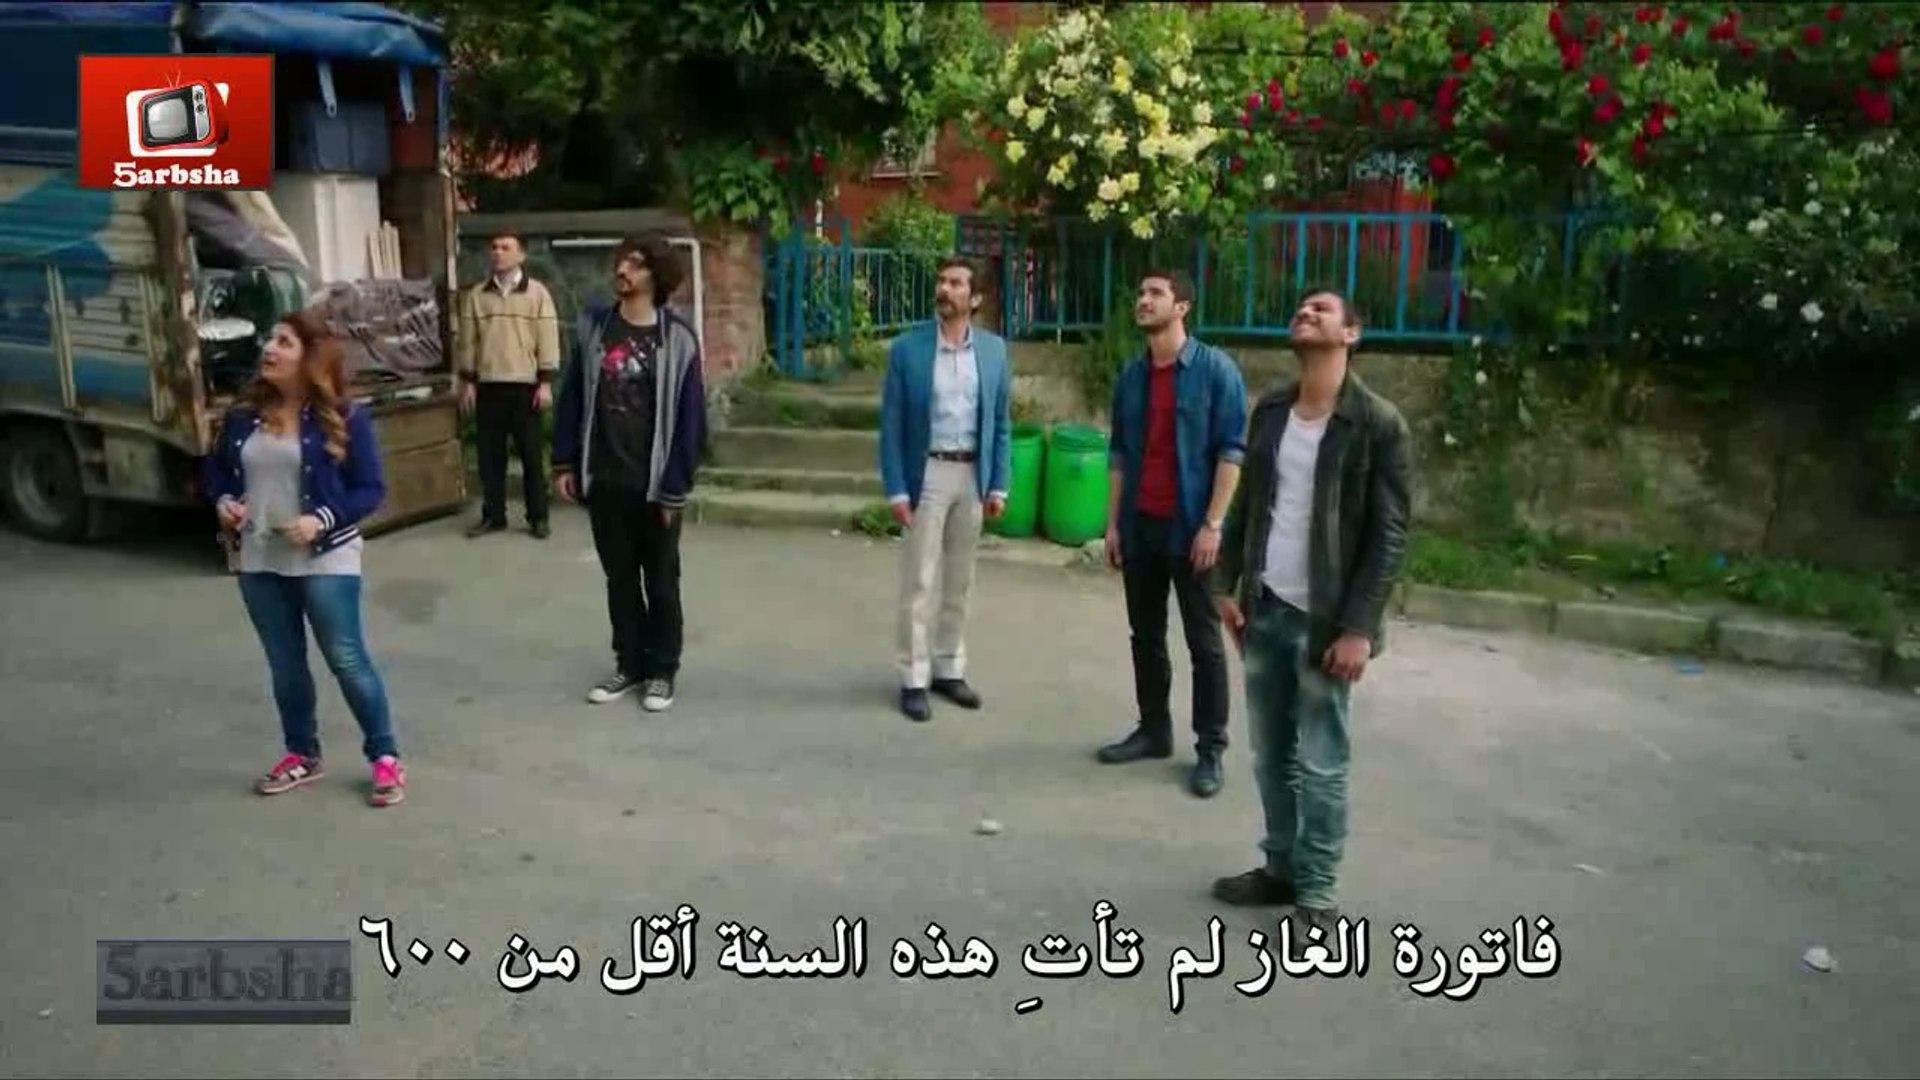 مسلسل يا اسطنبول الحلقة 1 مترجم